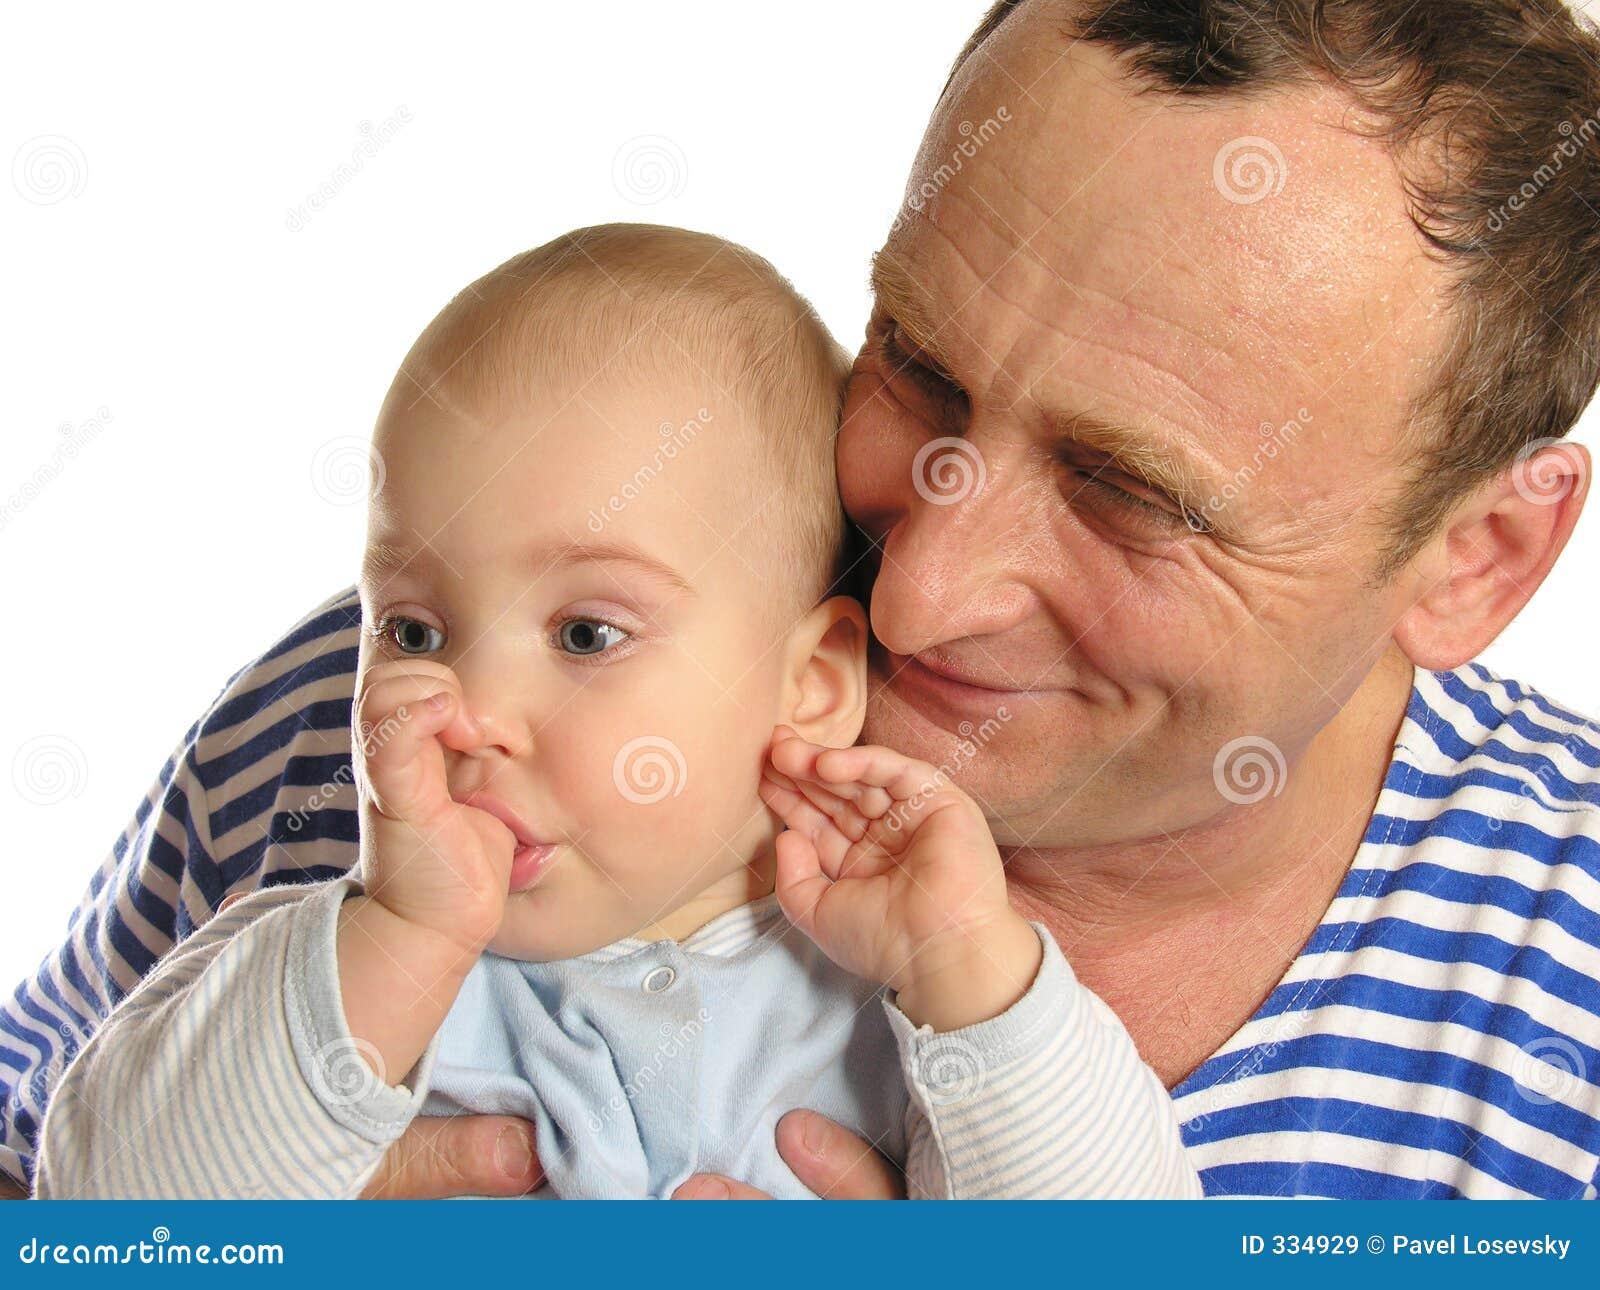 Фото дедушка и внучка 22 фотография